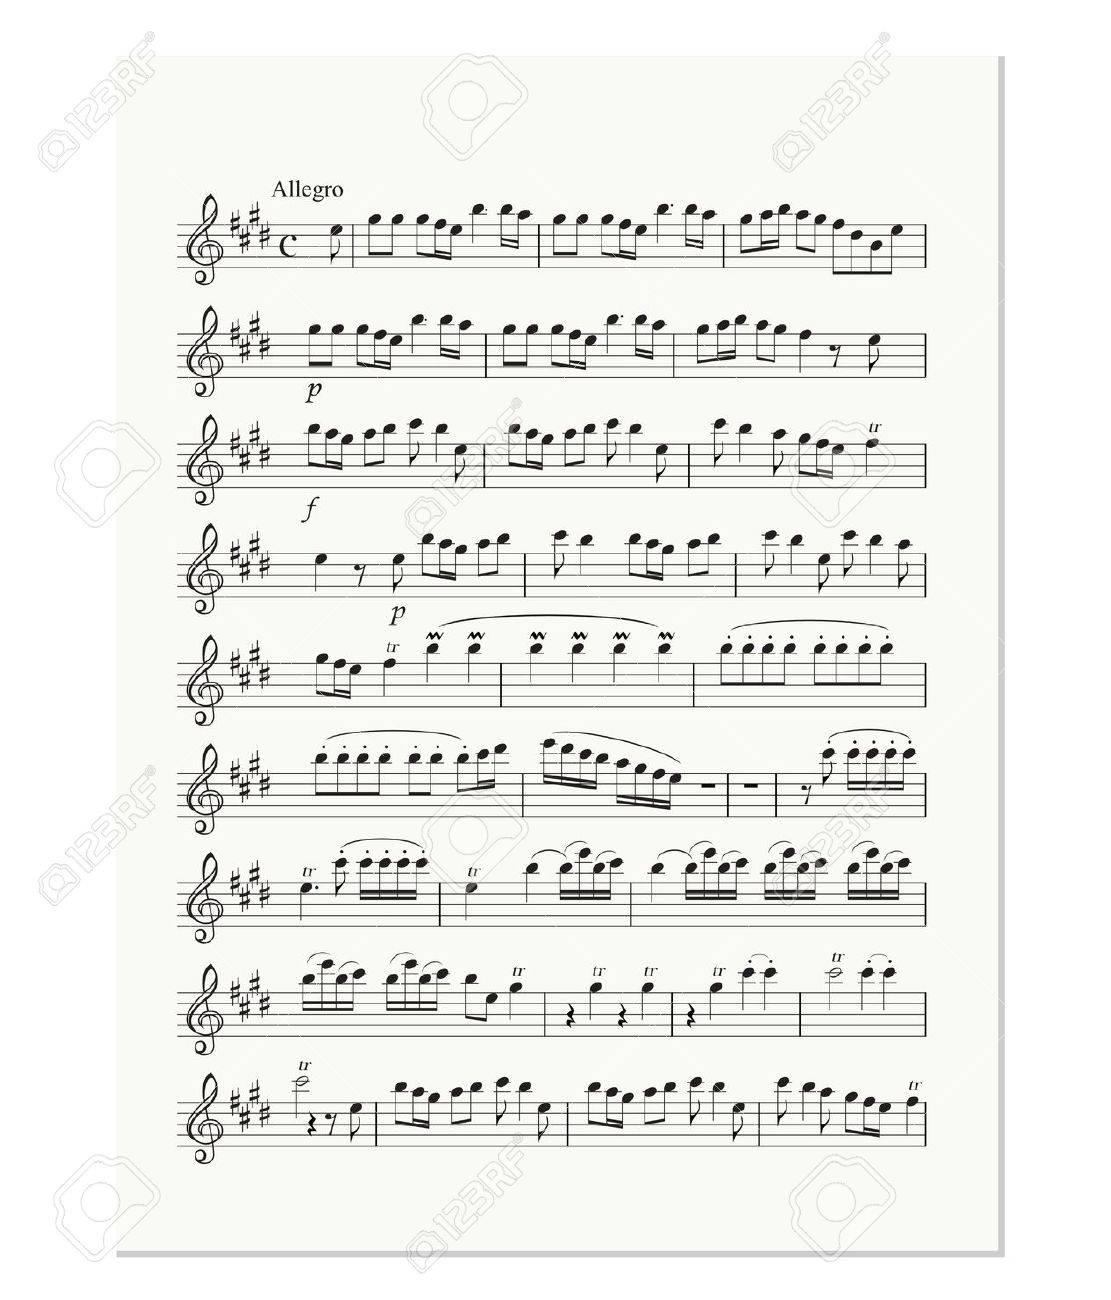 Hoja De Nota De Música Antigua Ilustraciones Vectoriales, Clip Art ...